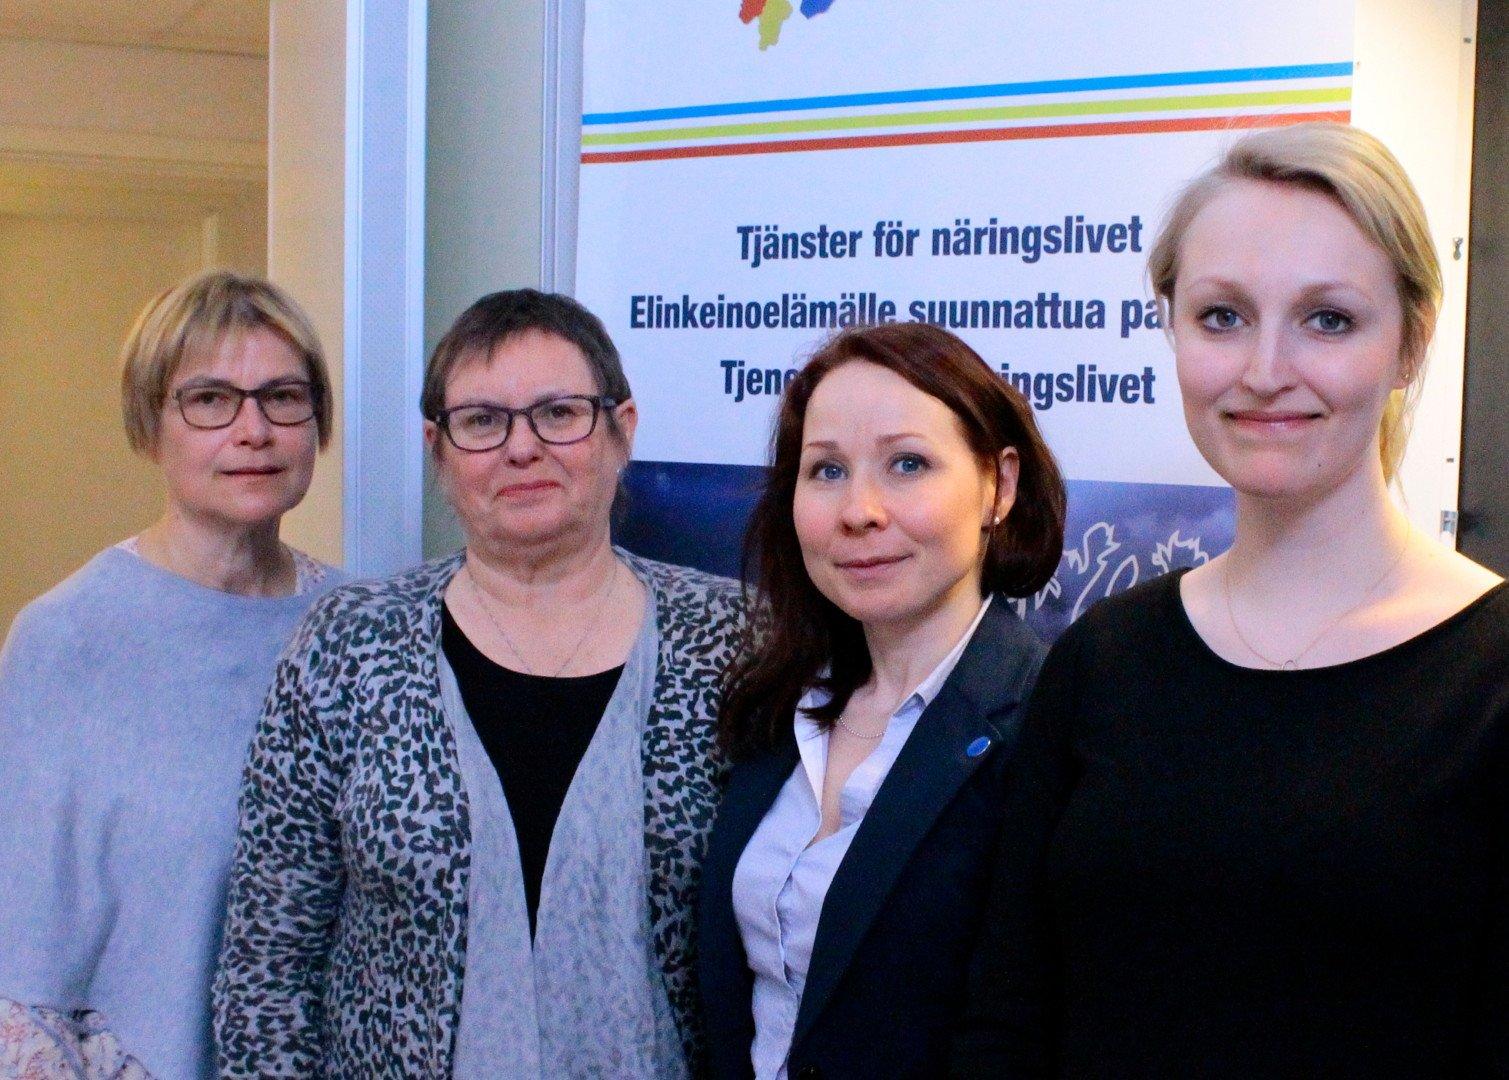 Rajaneuvonnan Interreg-hankkeen työntekijä